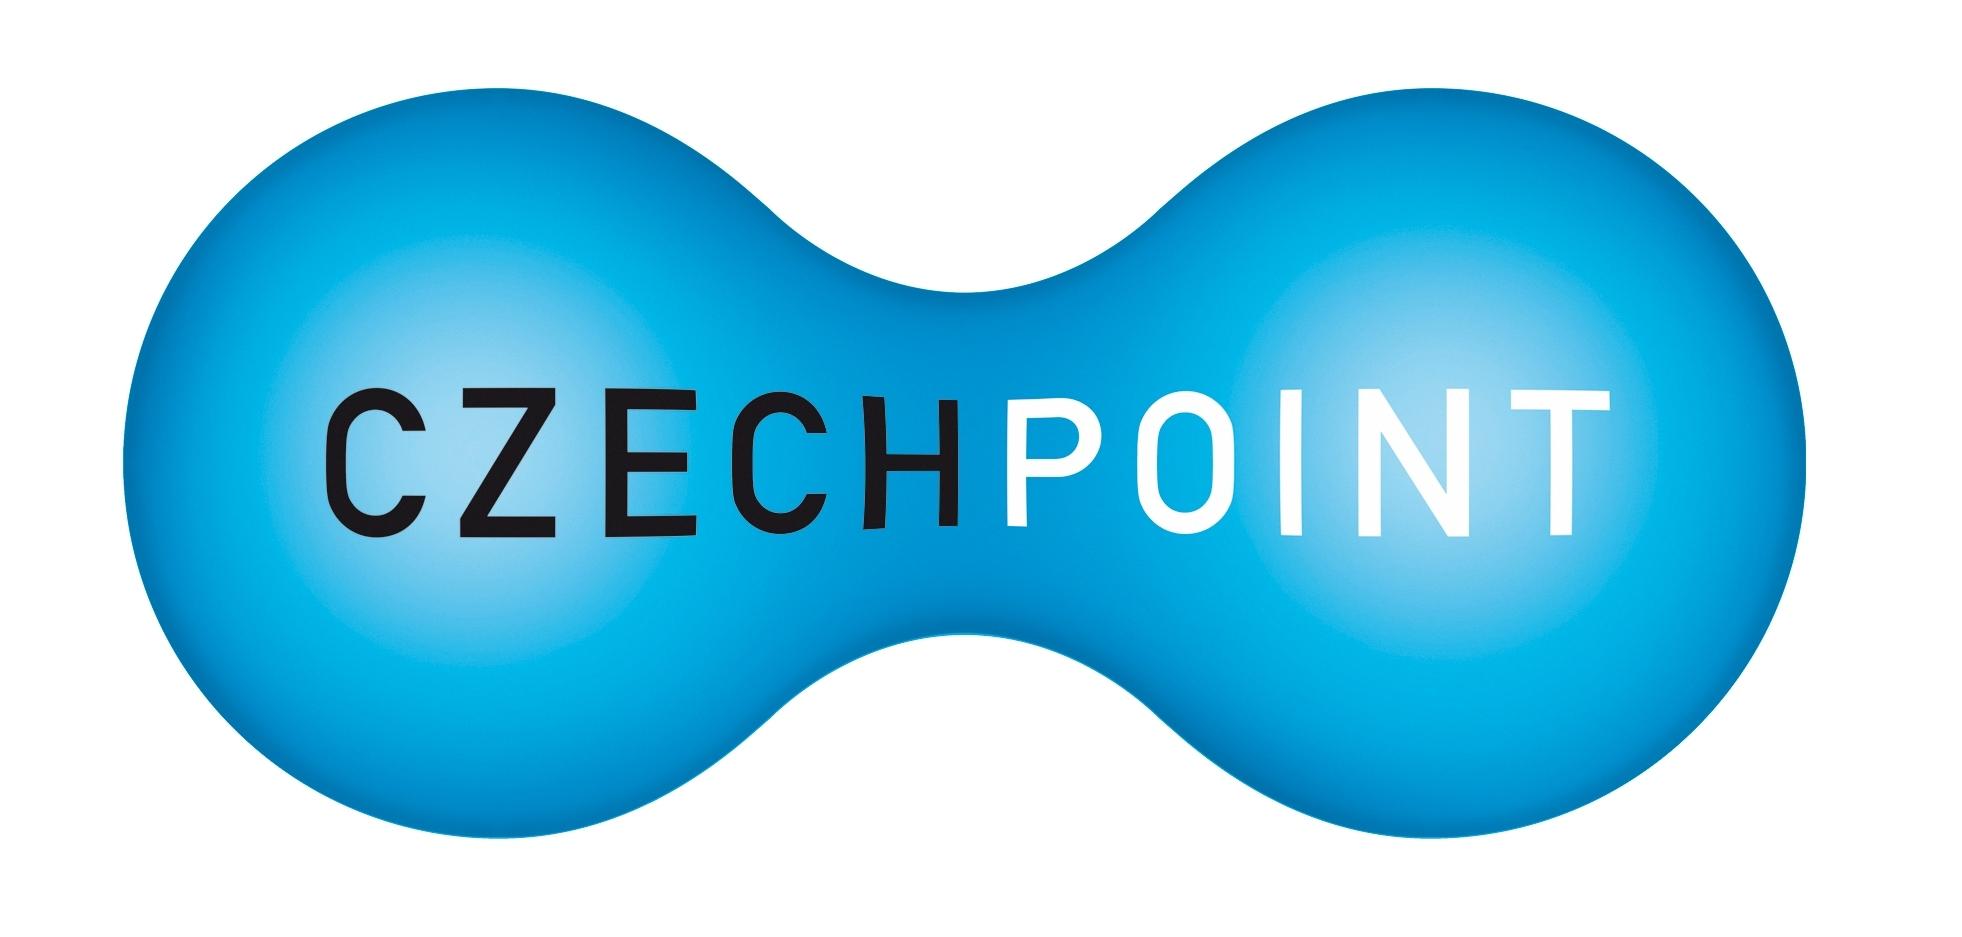 logo CzechPOINT, obrázek se otevře v novém okně